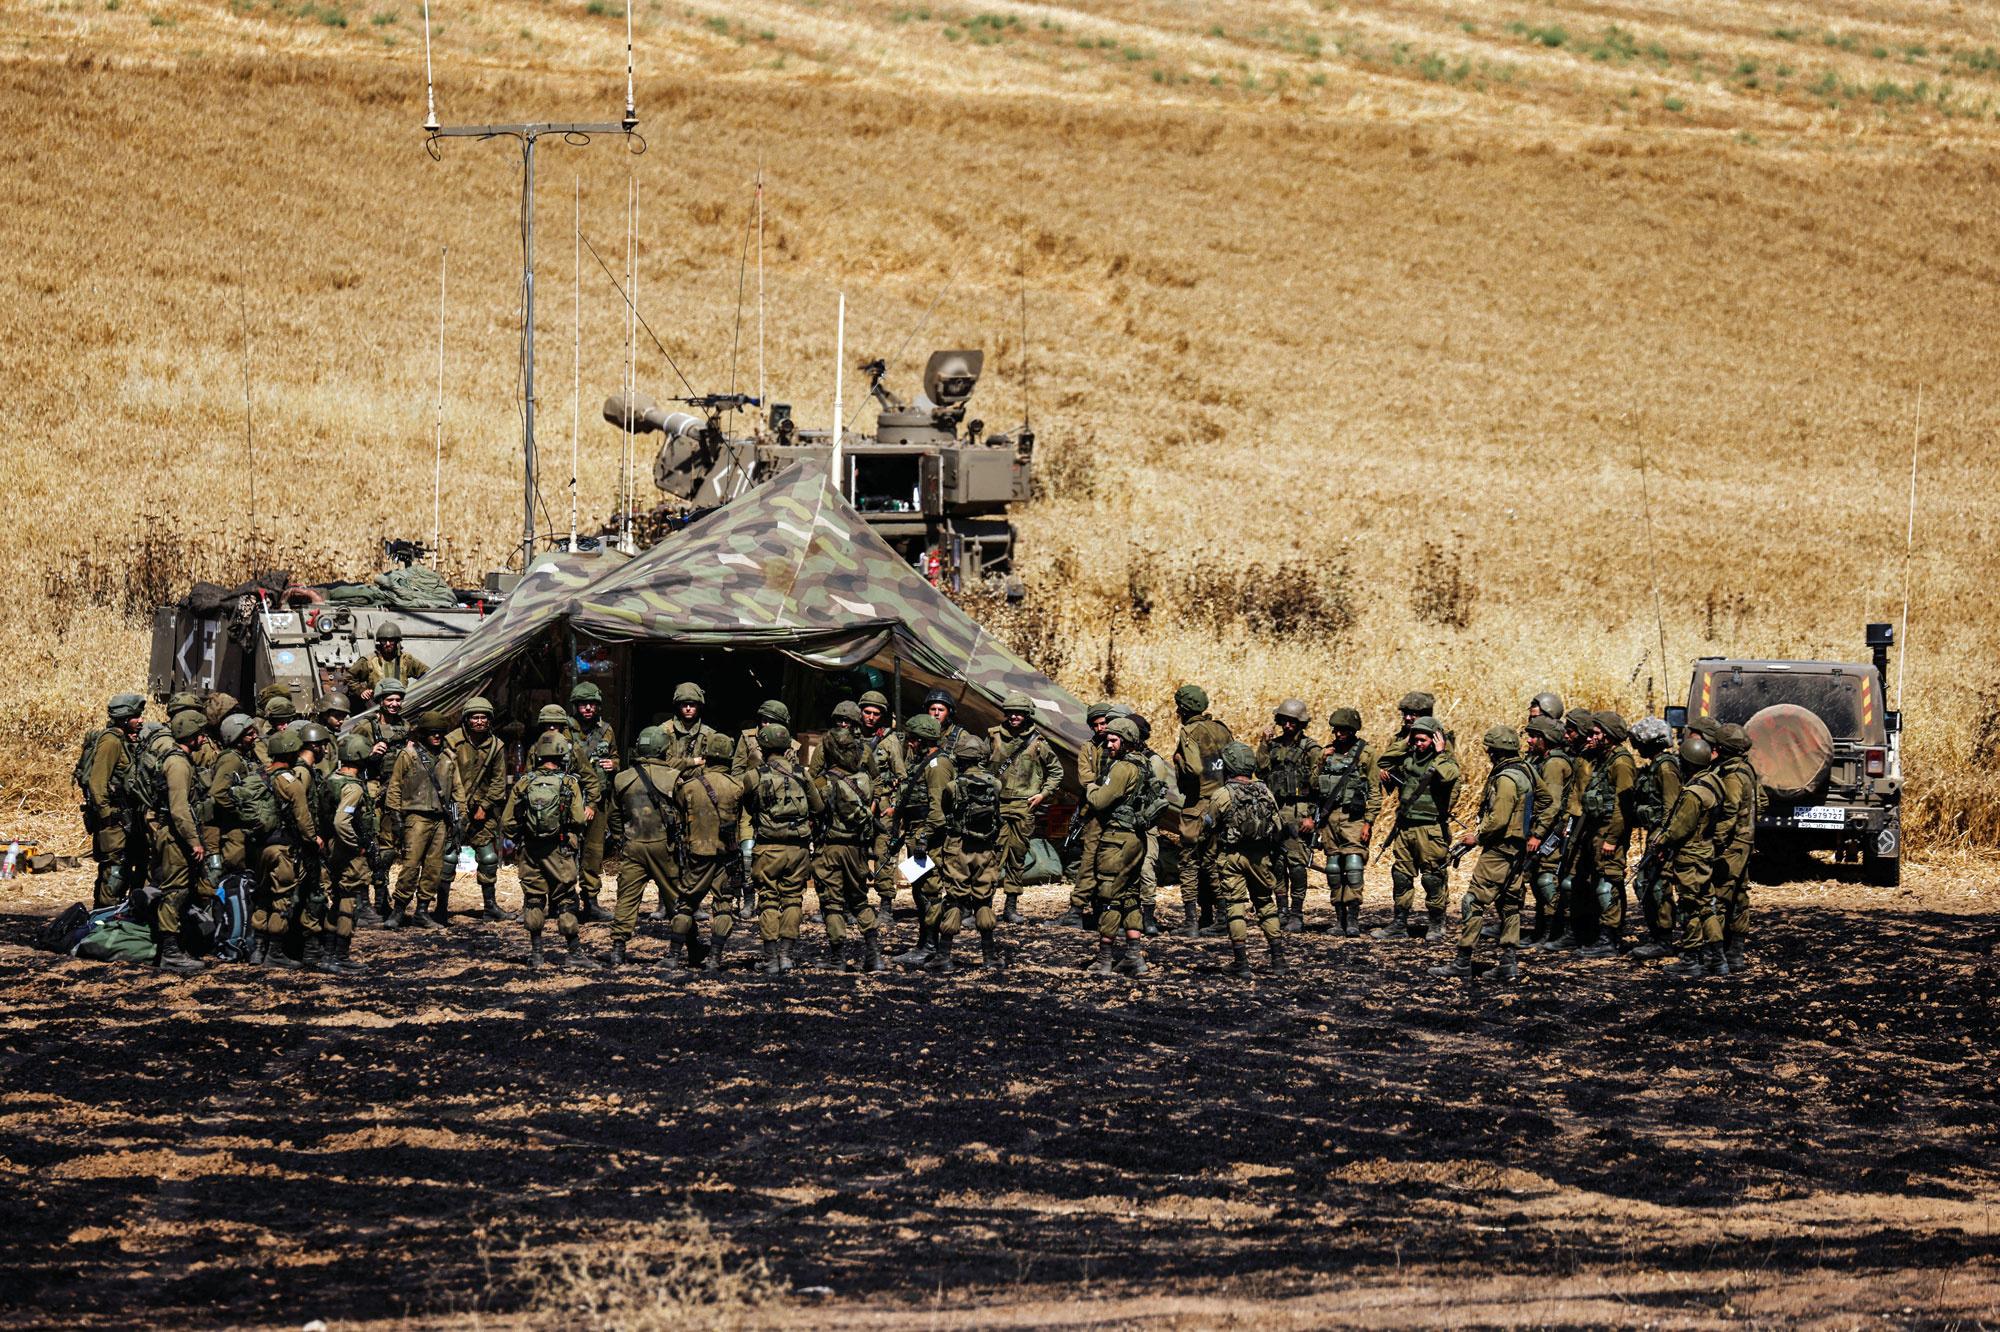 L'armée israélienne le long du territoire palestinien., Reuters